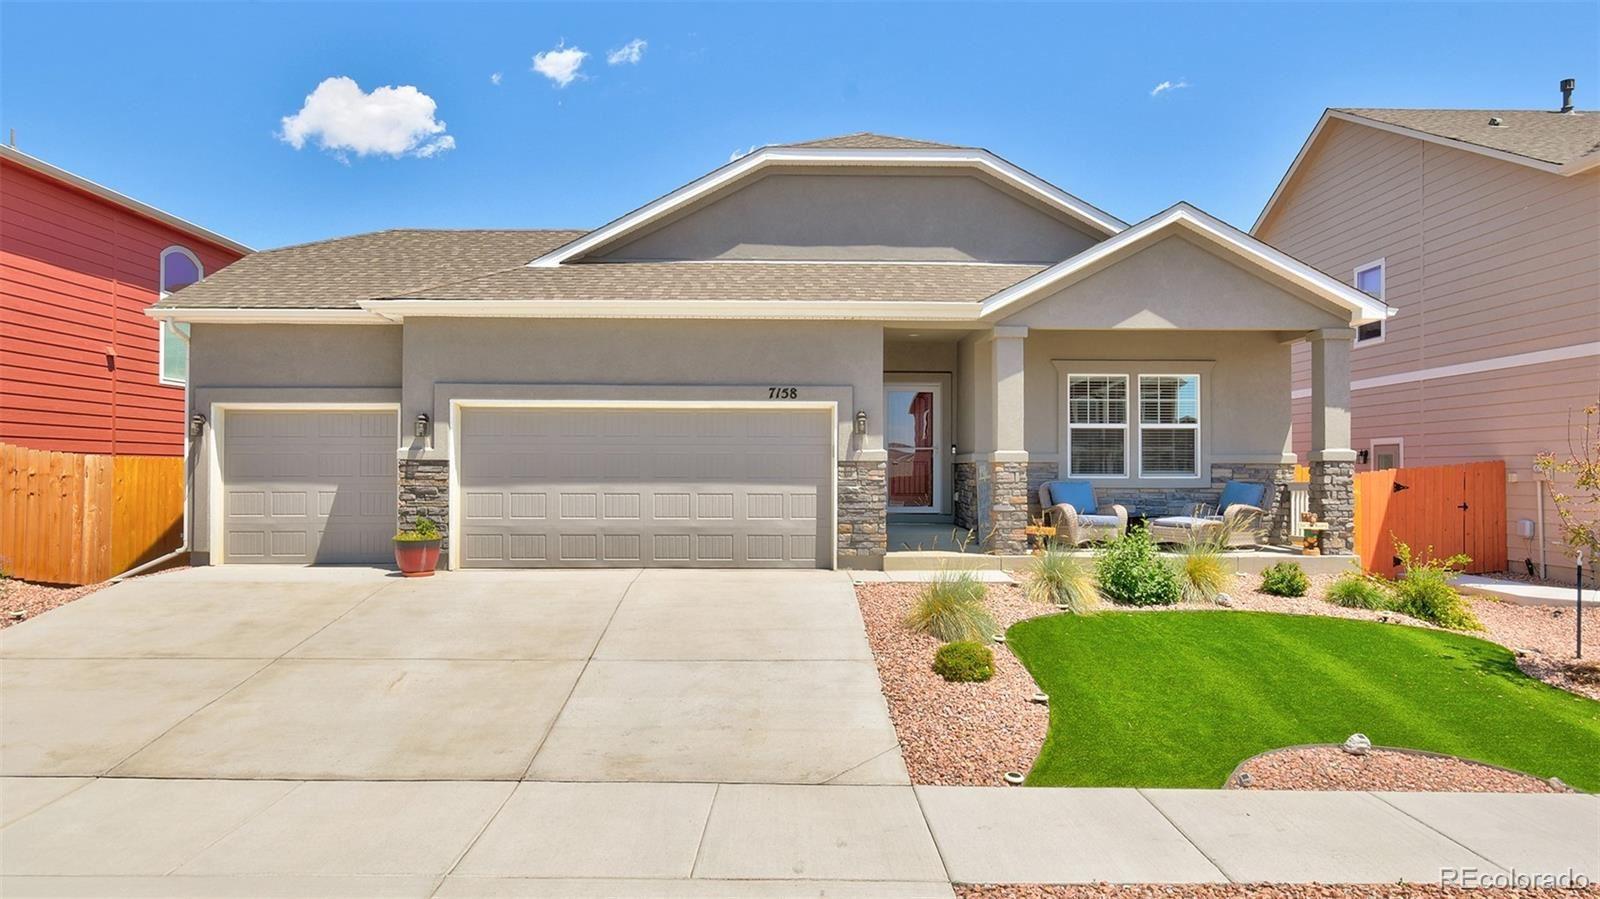 7158 New Meadow Drive, Colorado Springs, CO 80923 - #: 9640917